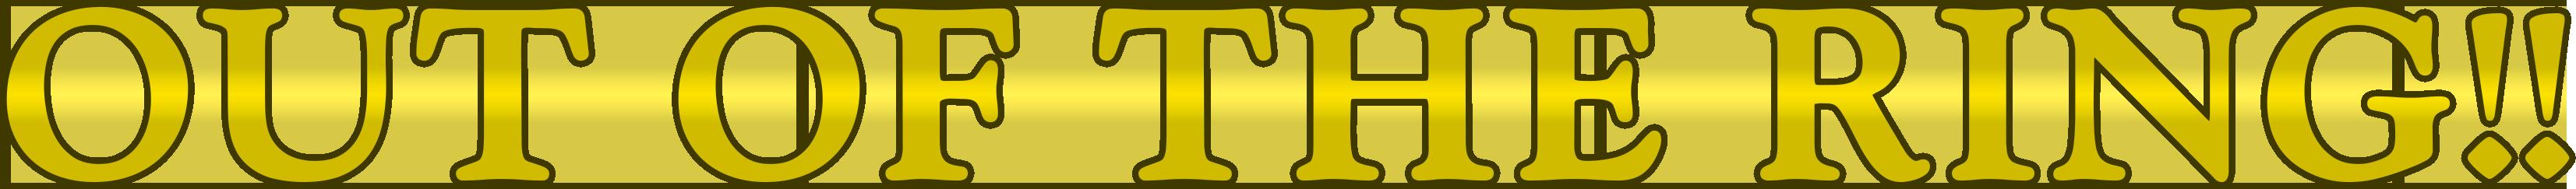 Soul Calibur (1998) In-Game Fonts